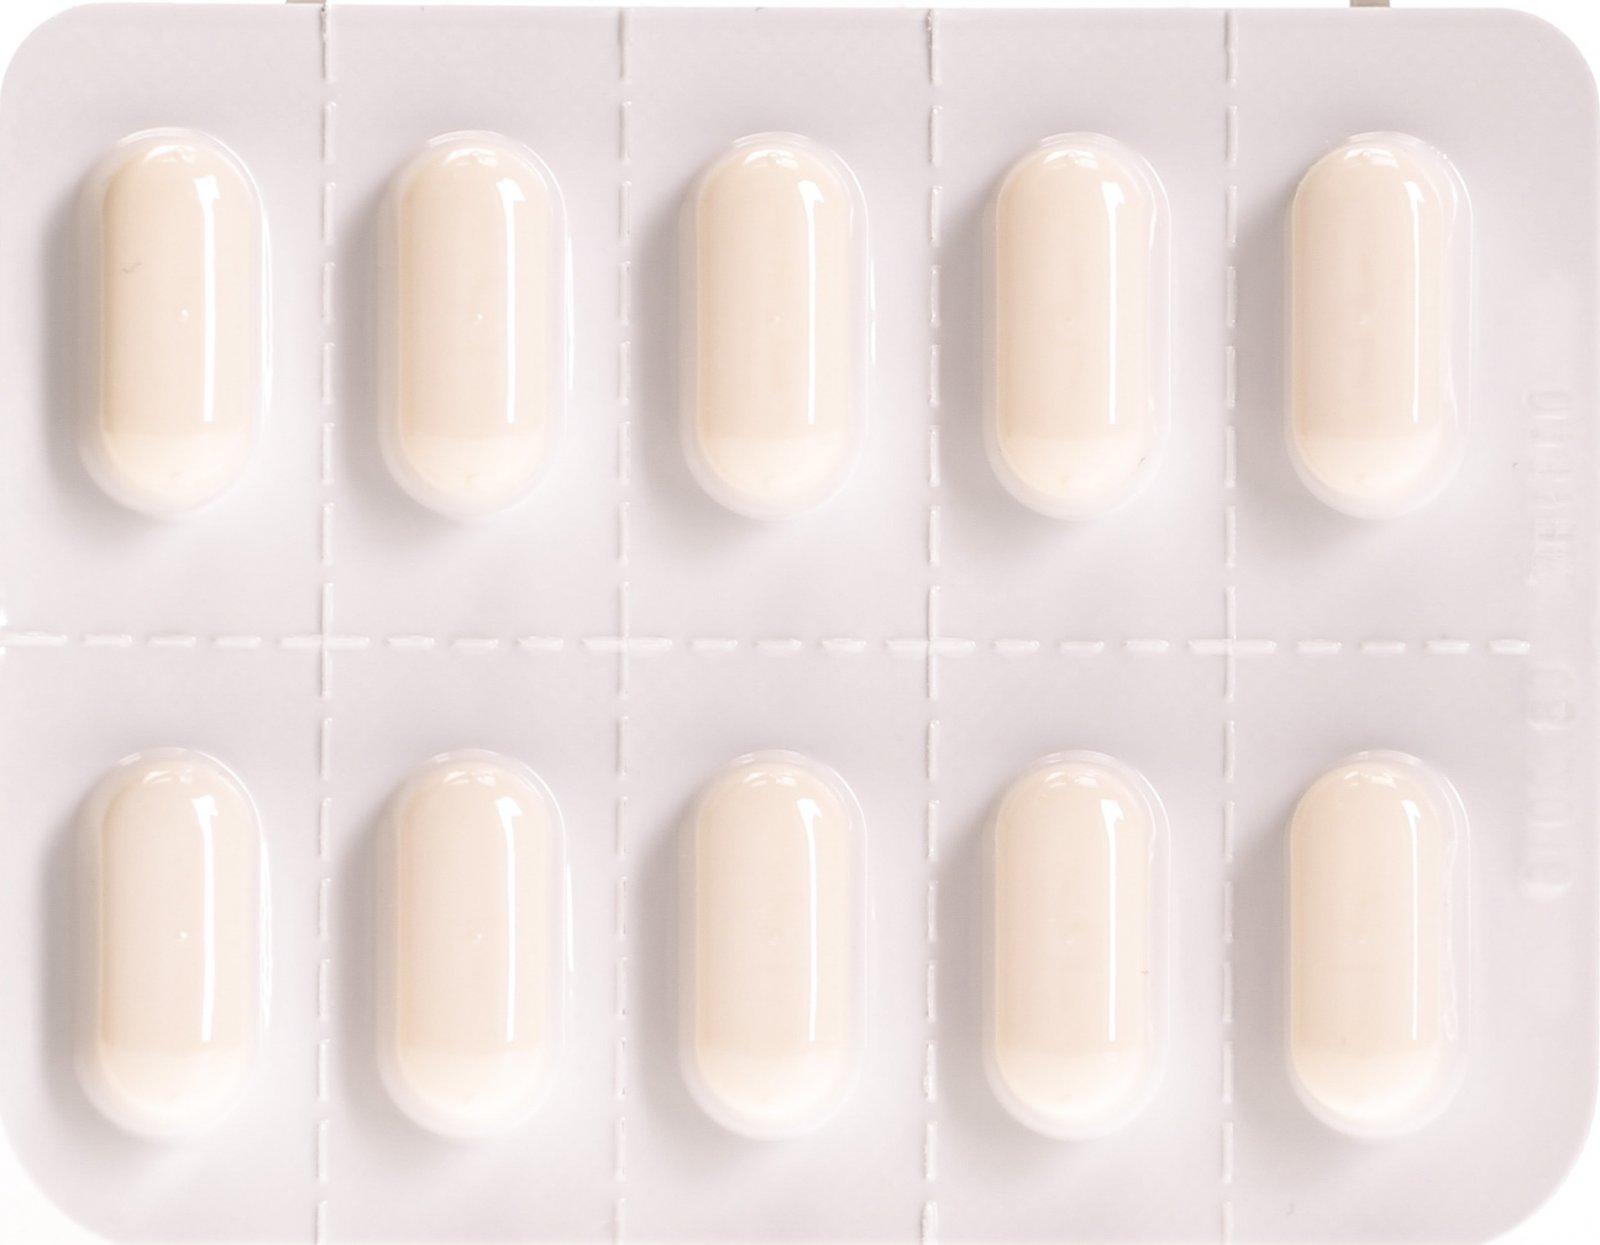 tramadol paracetamol sandoz 37 5 325mg 60 st ck in der. Black Bedroom Furniture Sets. Home Design Ideas